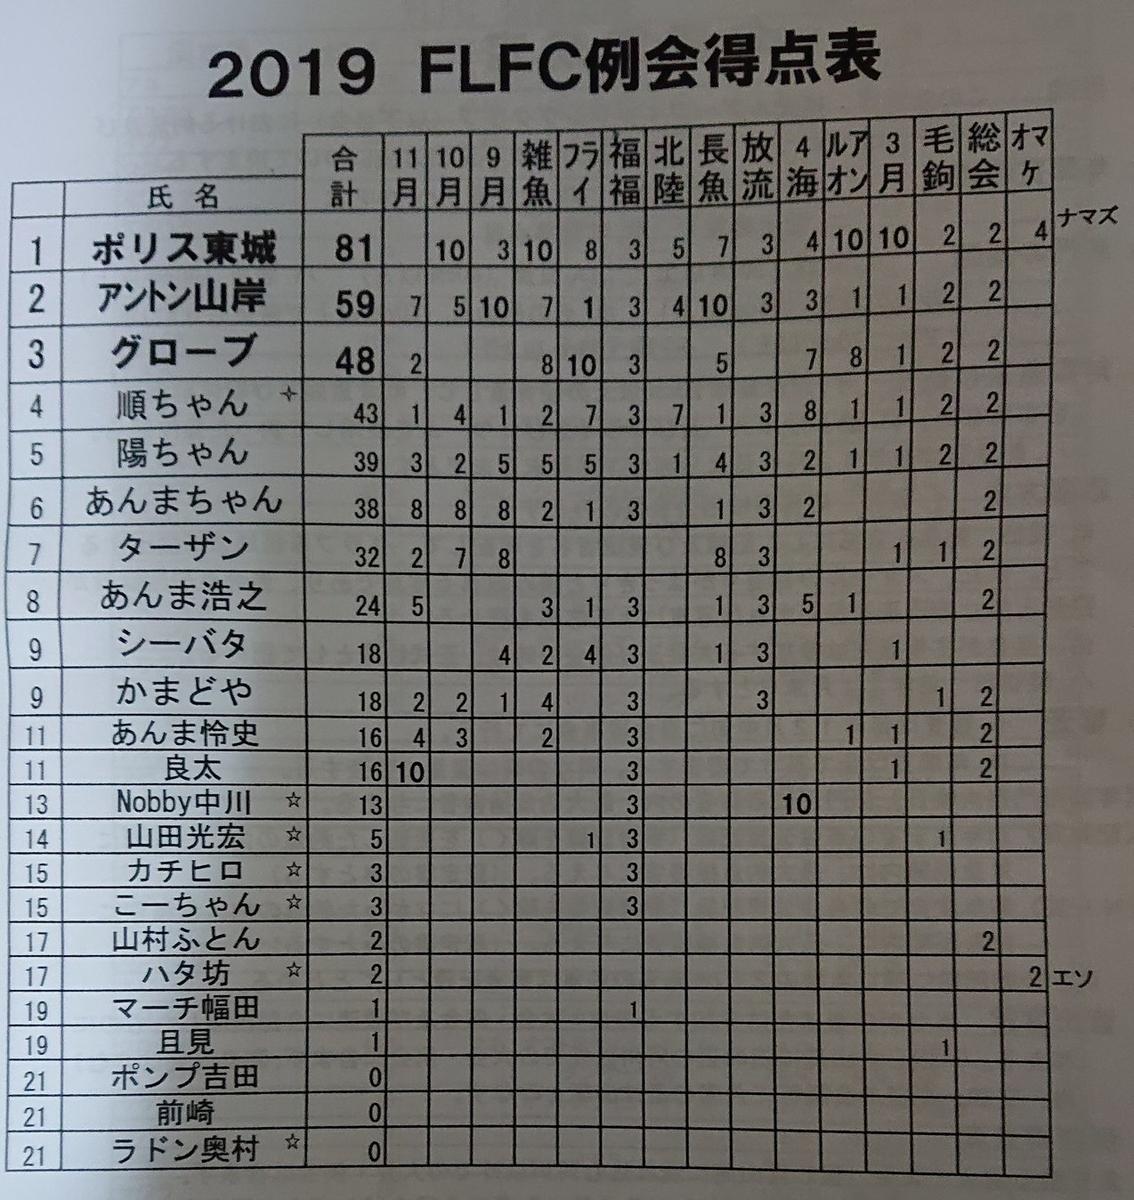 f:id:FLFC:20200119114200j:plain